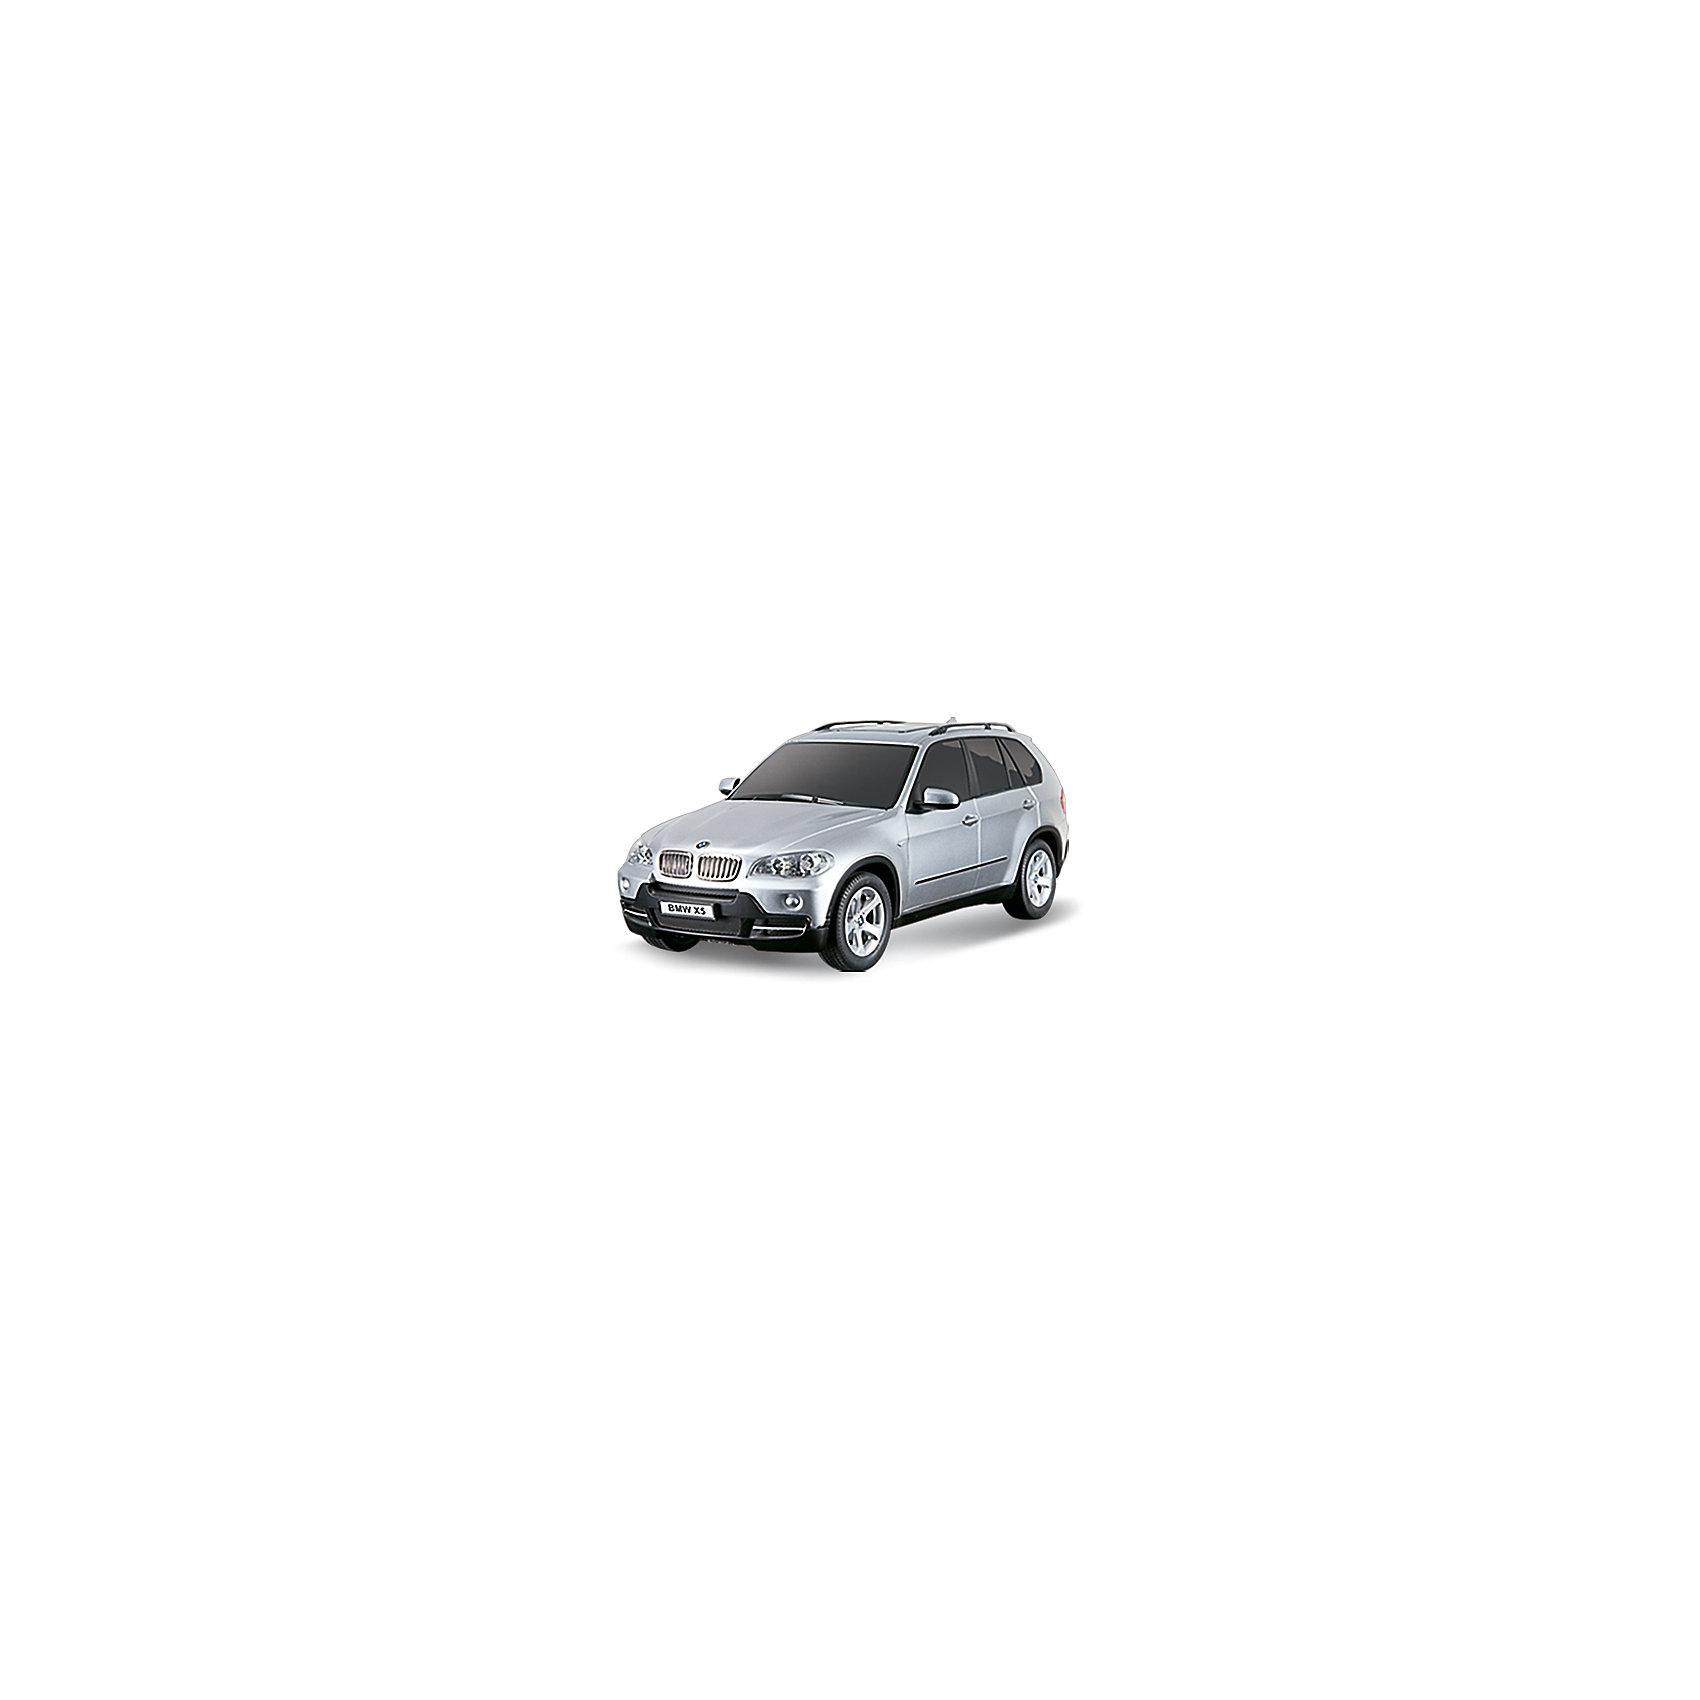 Машина BMW X5, 1:18, со светом, р/у, RASTAR, в ассортиментеКоллекционные модели<br>Невероятно стильная и красивая модель, выполненная в масштабе 1:18 приведет в восторг любого мальчишку! Машина прекрасно детализирована, очень похожа на настоящий автомобиль, развивает скорость до 12км/ч. Модель имеет четыре направления движения: вперед, назад, вправо и влево, работающие передние и задние фары, стоп-сигналы, при повороте вправо/влево включаются поворотники, во время движения слышен шум работающего двигателя. <br><br>Дополнительная информация:<br><br>- Материал: пластик, металл.<br>- Размер: 27,5х10,5х 10,4 см. <br>- Максимальная скорость 12 км/ч.<br>- Время непрерывной работы: 120 мин.<br>- Масштаб: 1:18.<br>- Комплектация: машинка; пульт управления.<br>- Звуковые и световые эффекты.<br>- Элемент питания: 4 ААА батарейки 1 крона (в комплект не входят).<br>- Дистанция управления: до 15 м.<br>- Цвет в ассортименте.<br>ВНИМАНИЕ! Данный артикул представлен в разных цветовых вариантах. К сожалению, заранее выбрать определенный цвет невозможно. При заказе нескольких машин, возможно получение одинаковых.<br><br>Машину BMW X5, 1:18, со светом, р/у, RASTAR, в ассортименте, можно купить в нашем магазине.<br><br>Ширина мм: 380<br>Глубина мм: 150<br>Высота мм: 170<br>Вес г: 830<br>Возраст от месяцев: 36<br>Возраст до месяцев: 144<br>Пол: Мужской<br>Возраст: Детский<br>SKU: 4310828